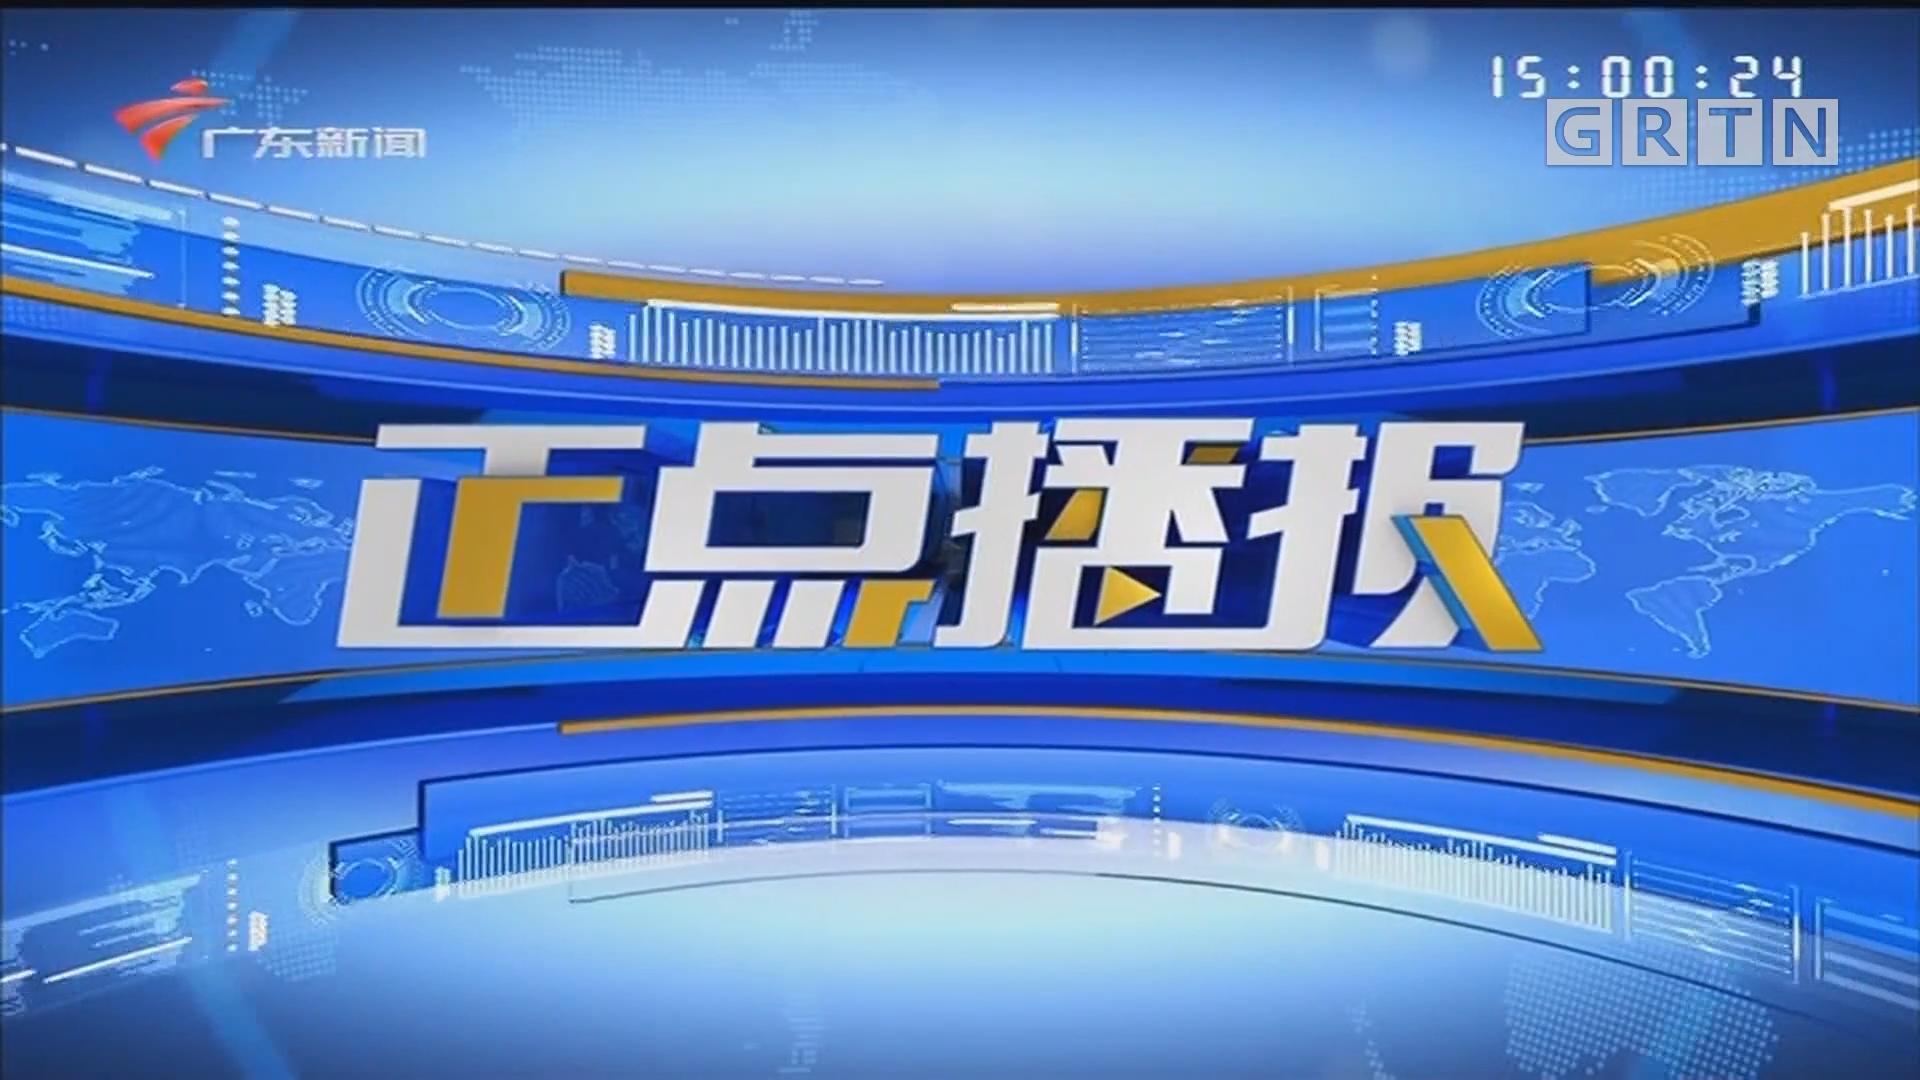 [HD][2020-05-17-15:00]正点播报:深圳:支持粤港澳大湾区建设 重磅金融开放创新措施引热议